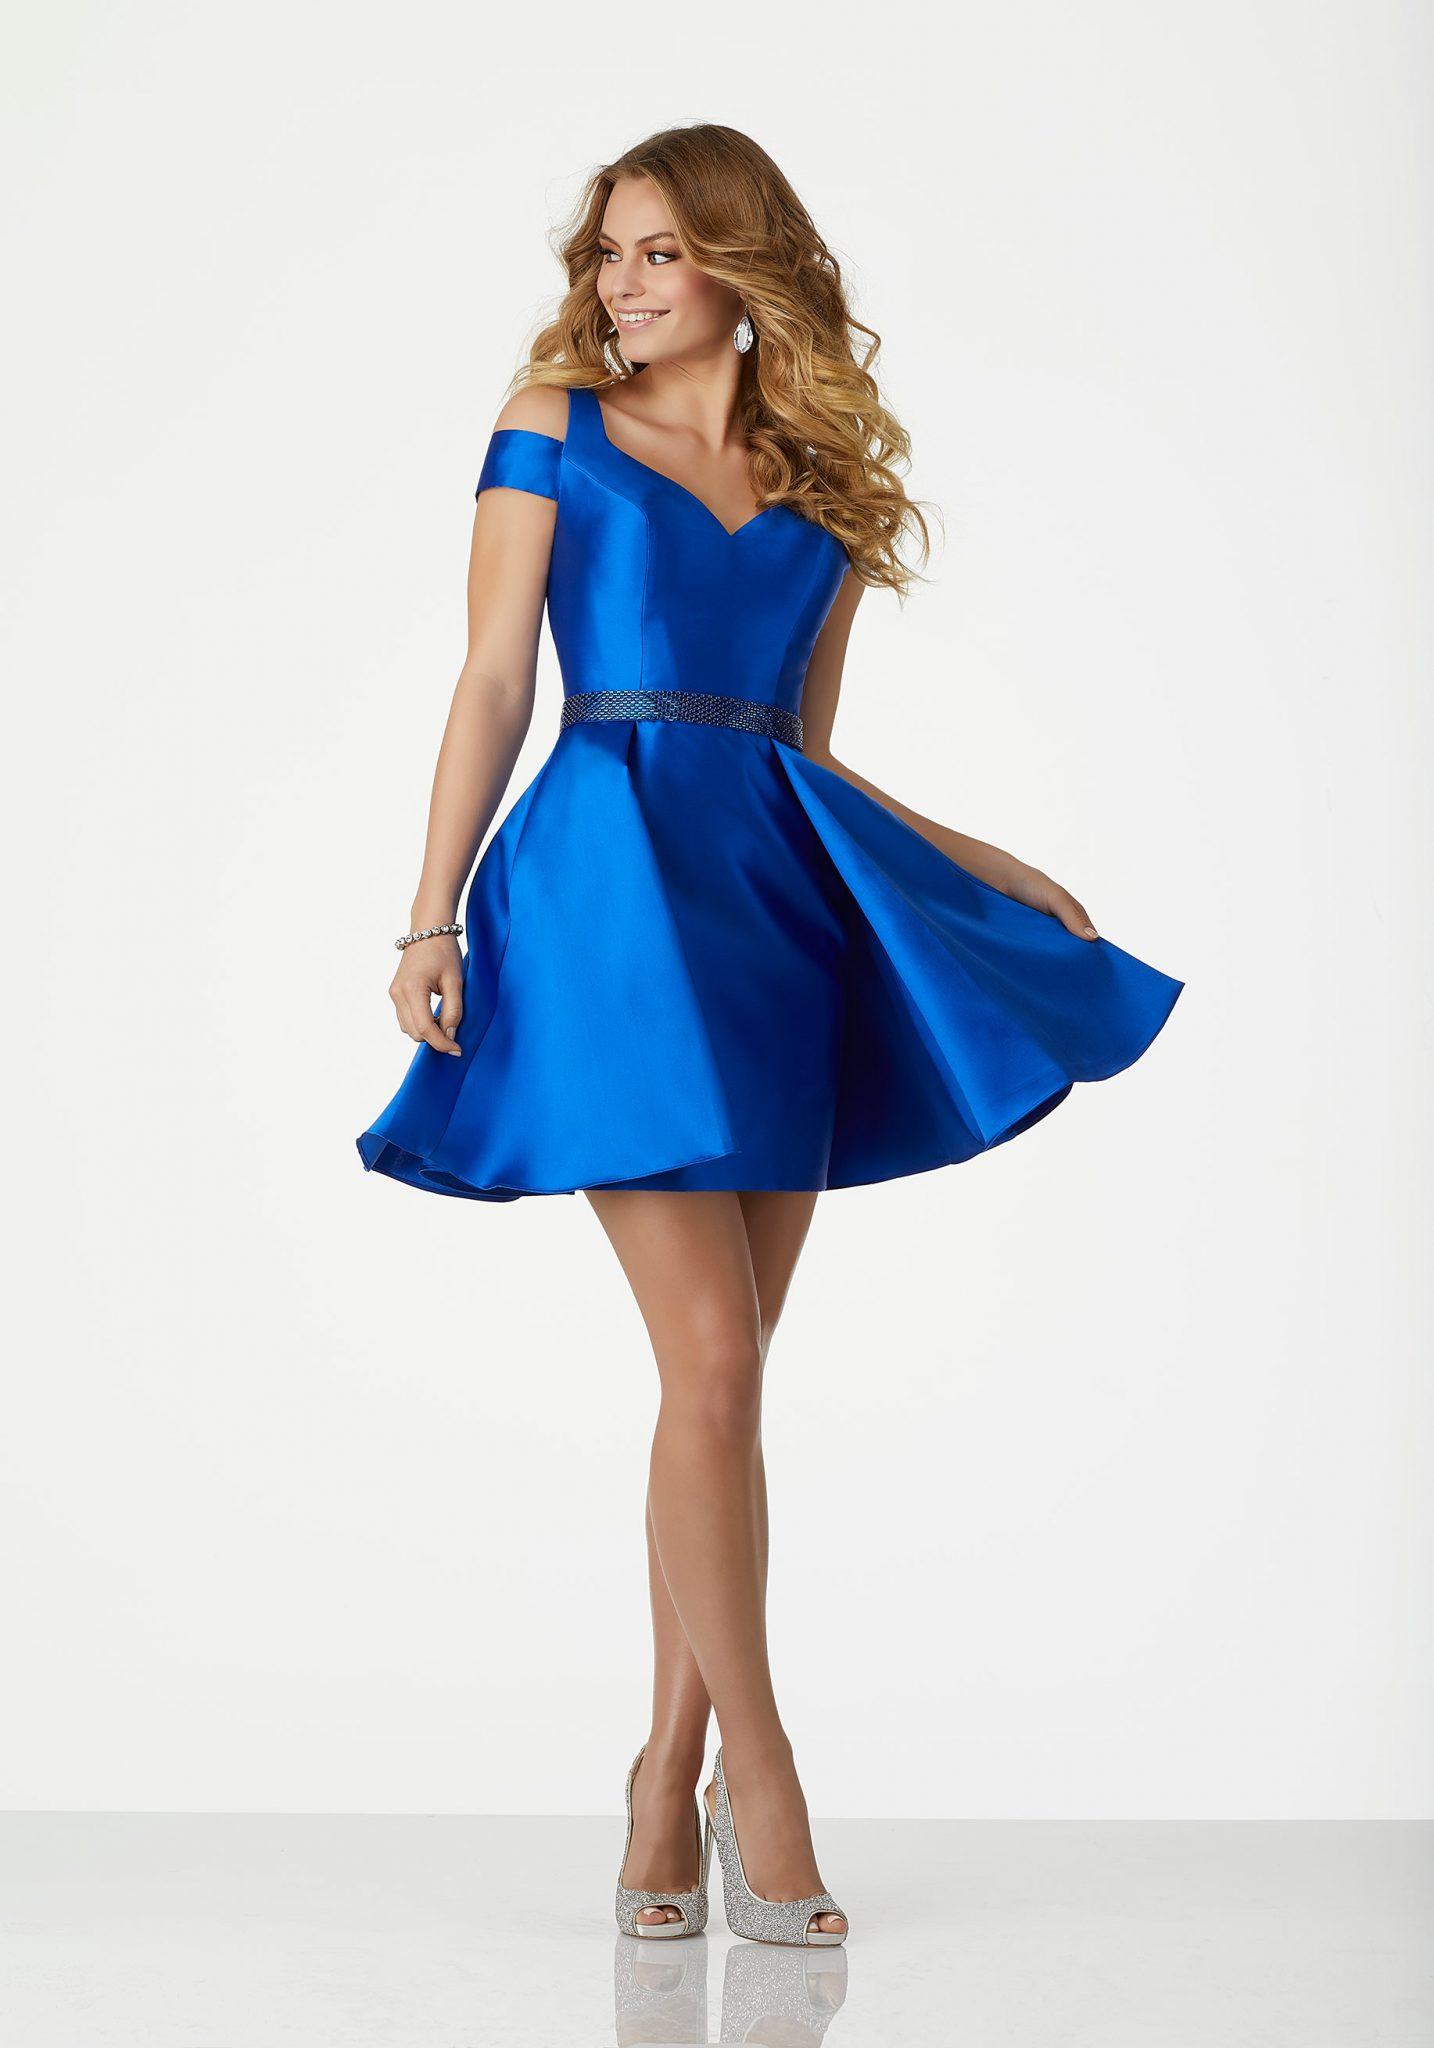 Mavi Kısa Abiyeler modelleri